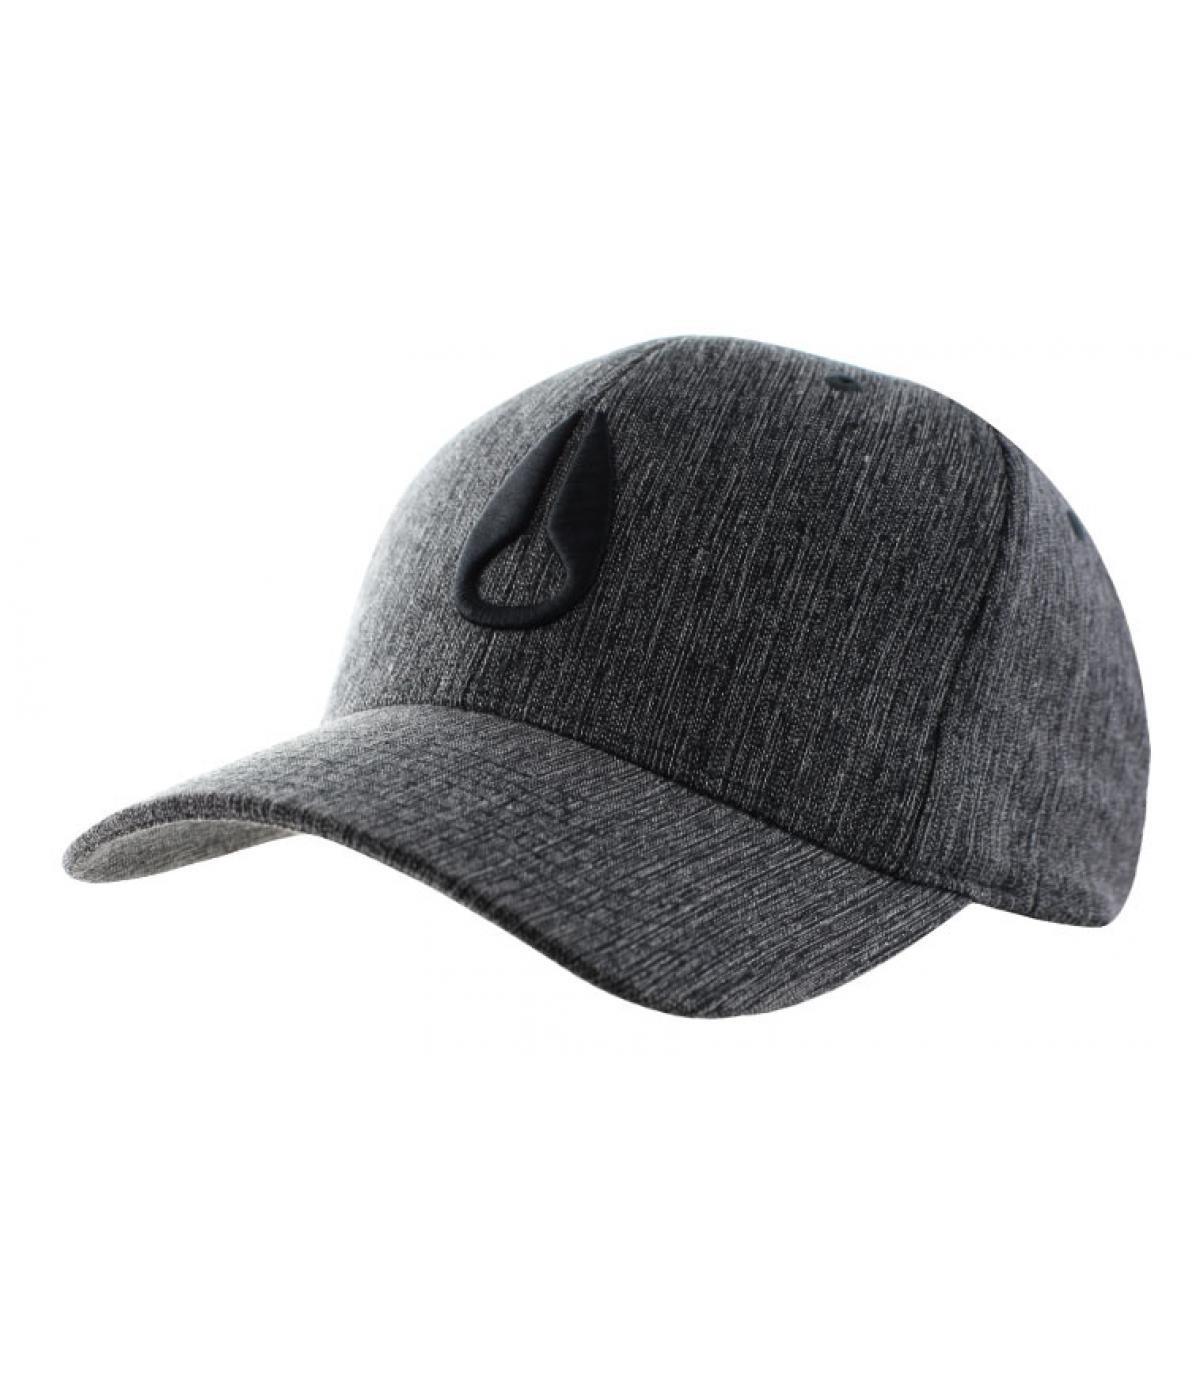 casquette noire Nxon